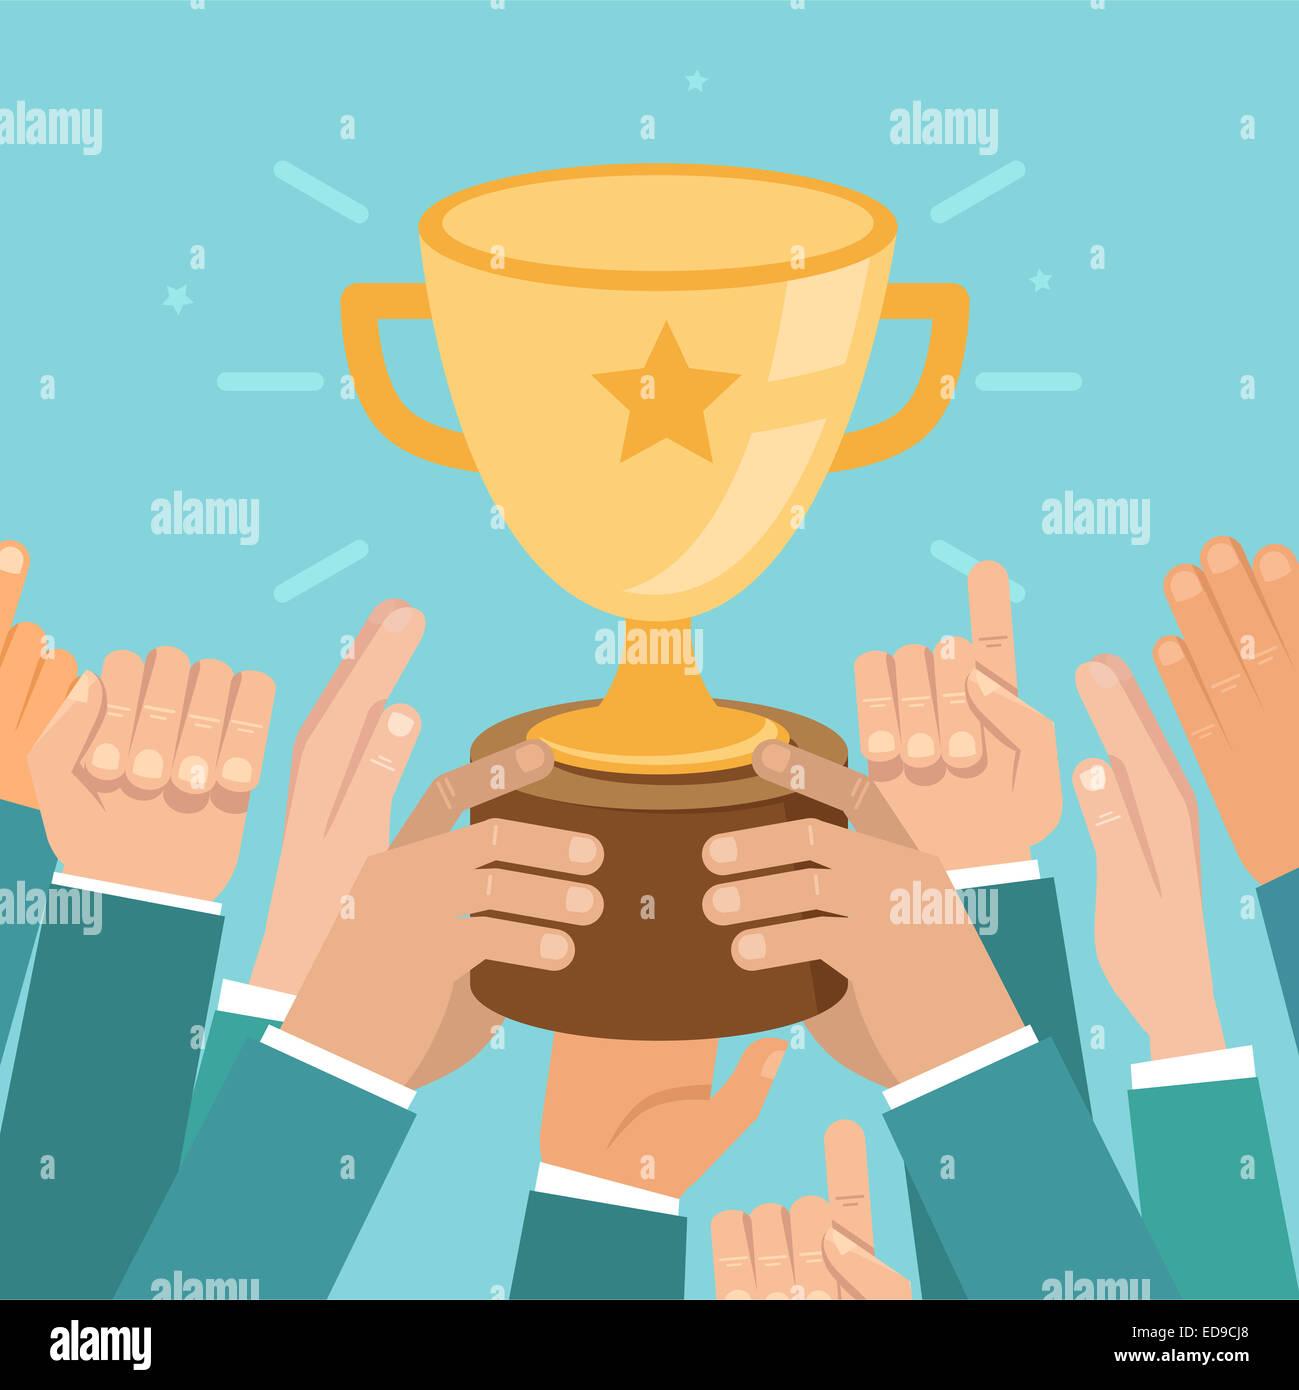 La victoire de l'équipe concept dans télévision - concours d'illustration de style Photo Stock